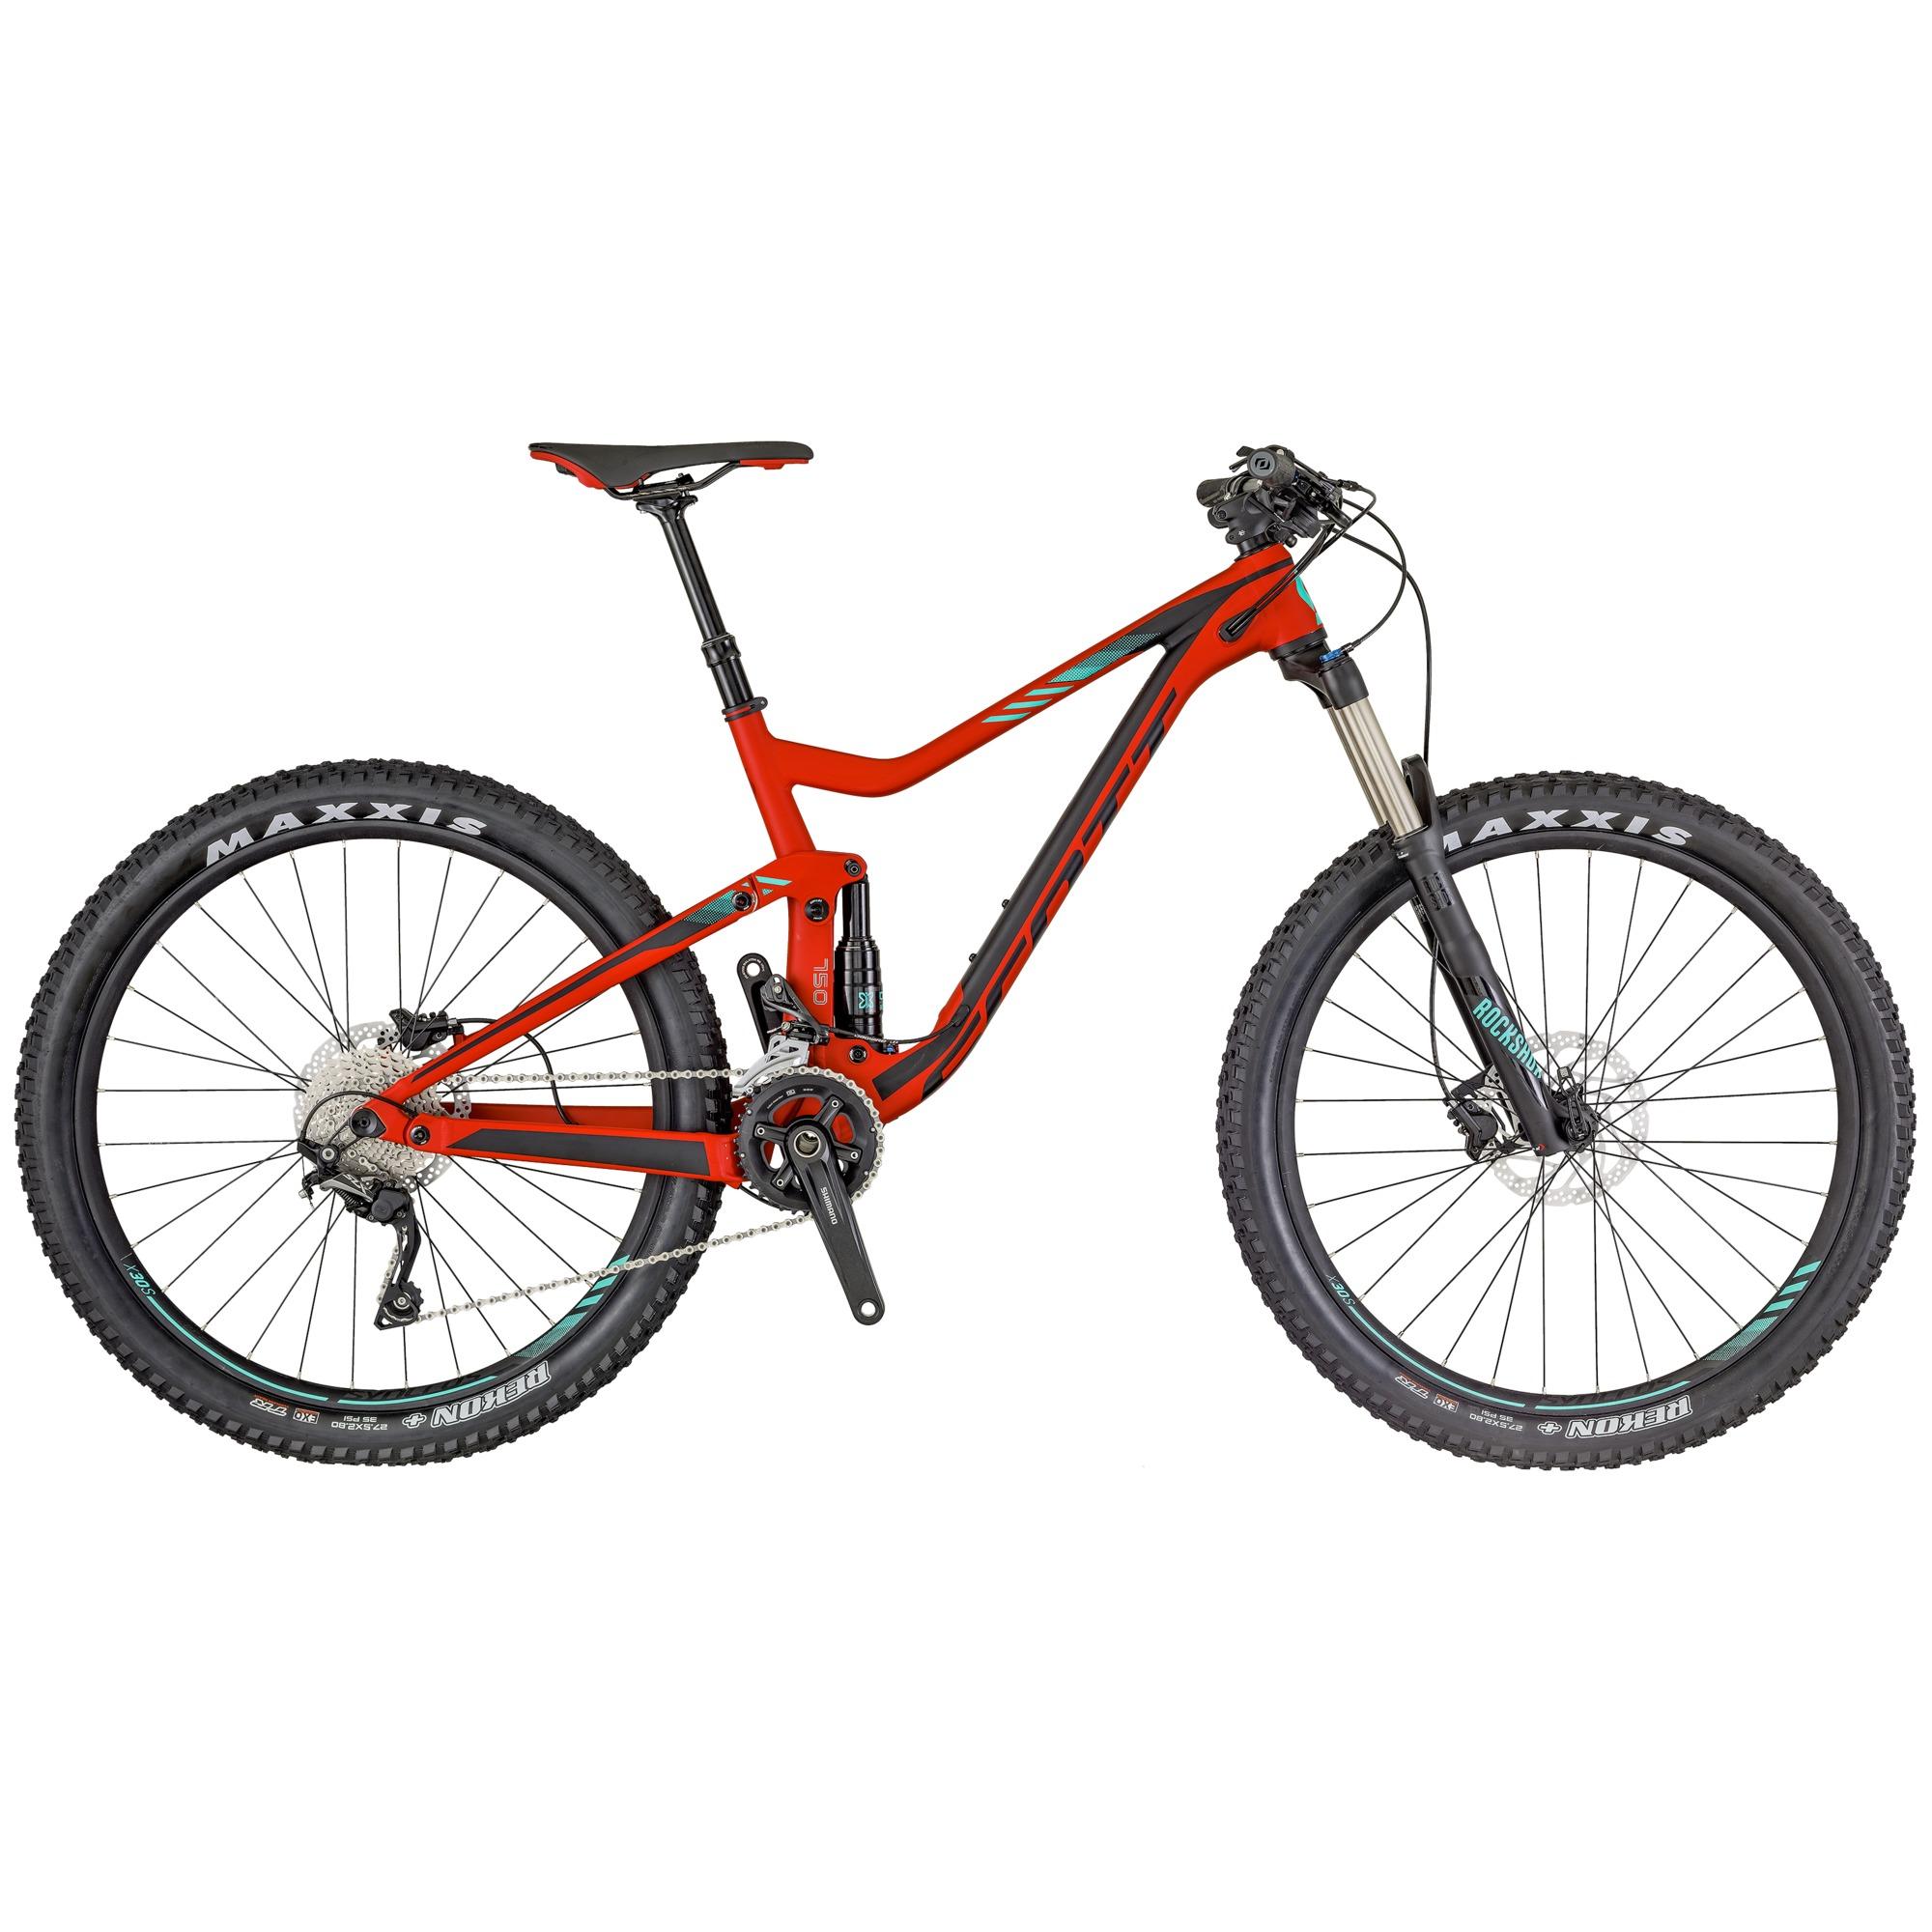 SCOTT Genius 750 Bike L - Rad & Dämpferklinik GmbH